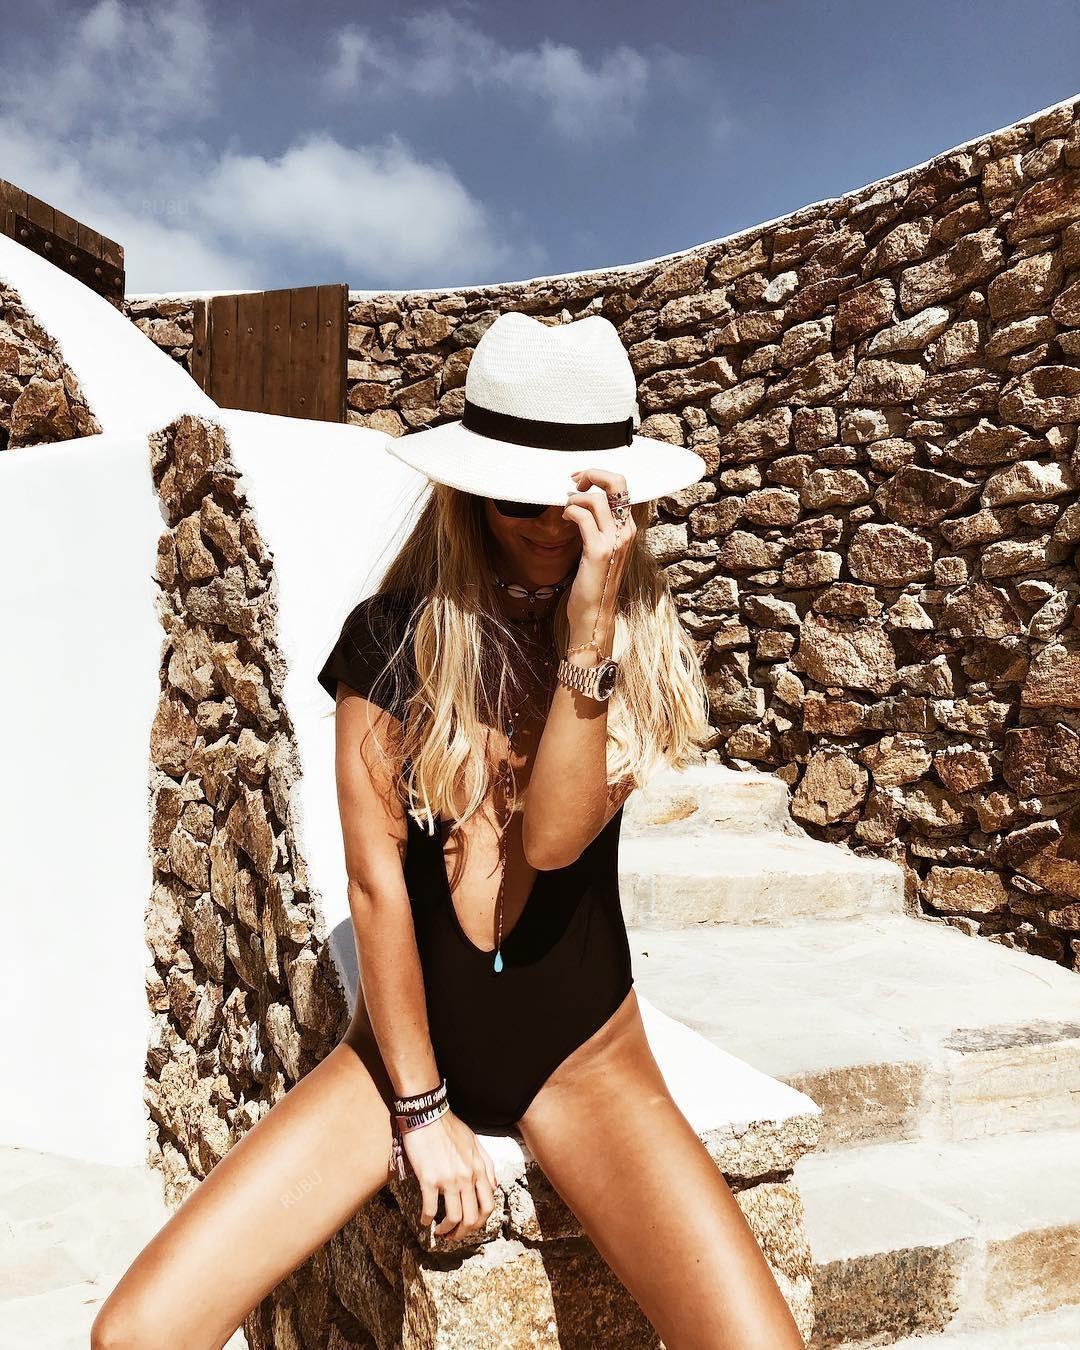 vkF7P 2019 Yeni kısa derin V yaka katı backless kadınların tek parça tek parça mayo kollu seksi renk 9109 mayo